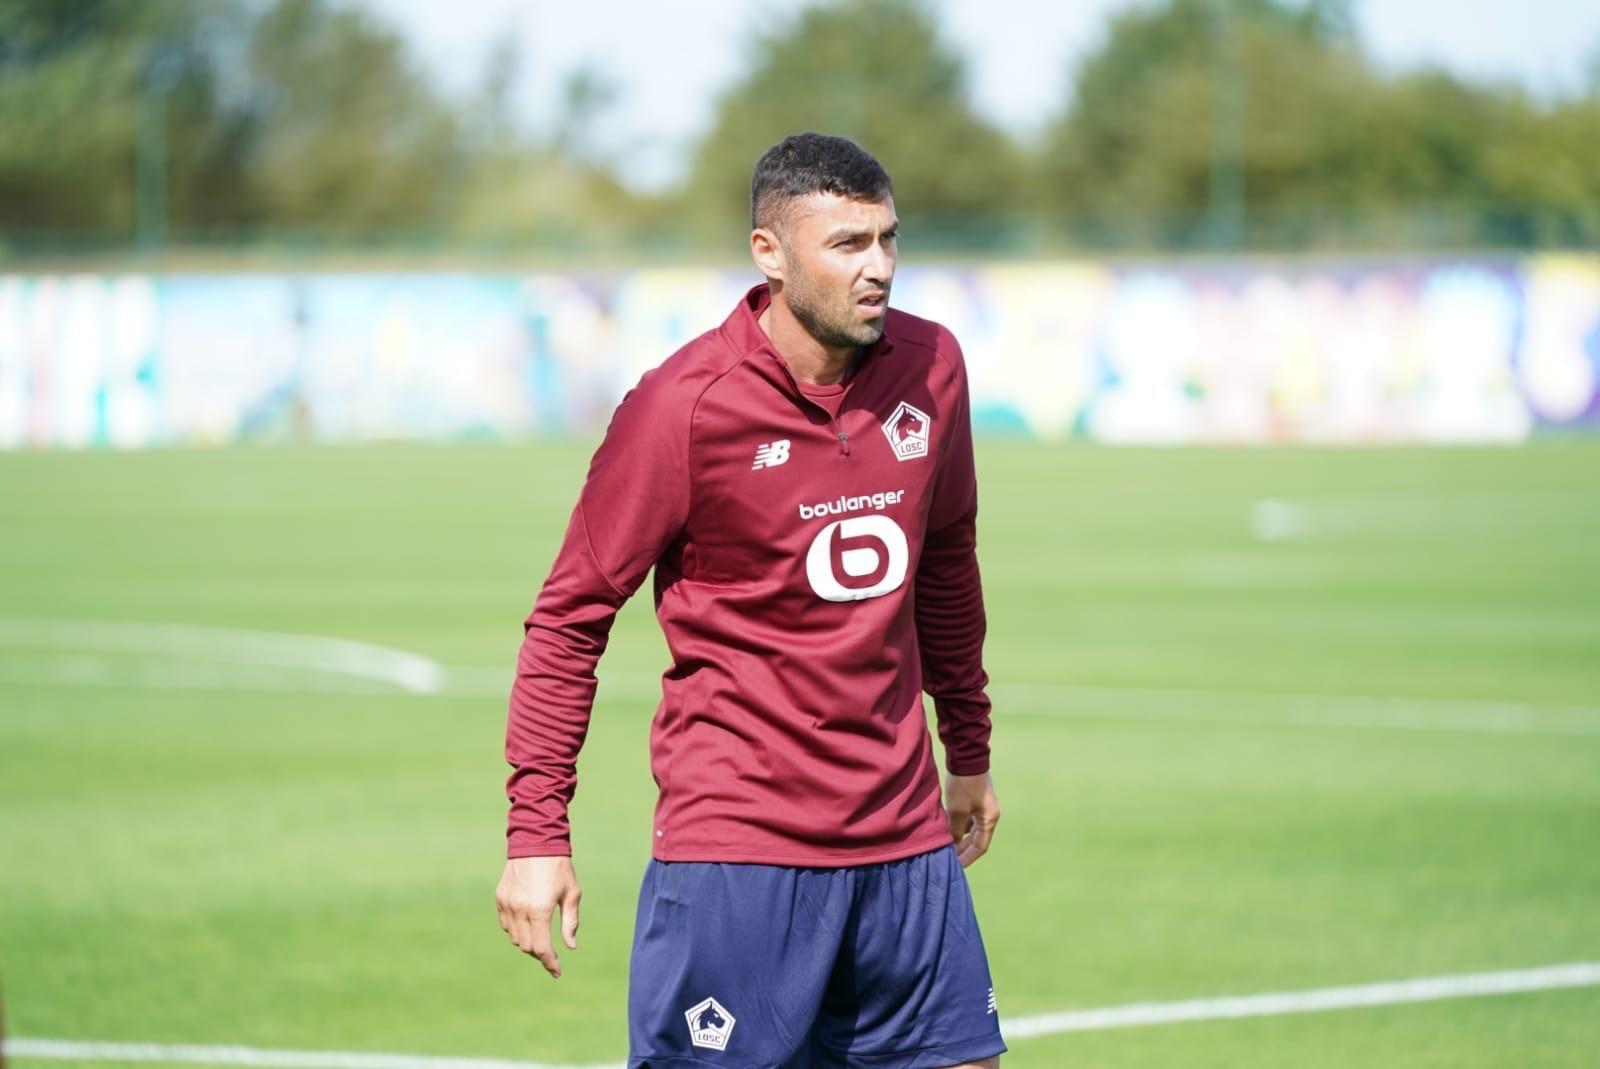 Lille'in yeni golcüsü Burak Yılmaz ilk 11'de forma giydi